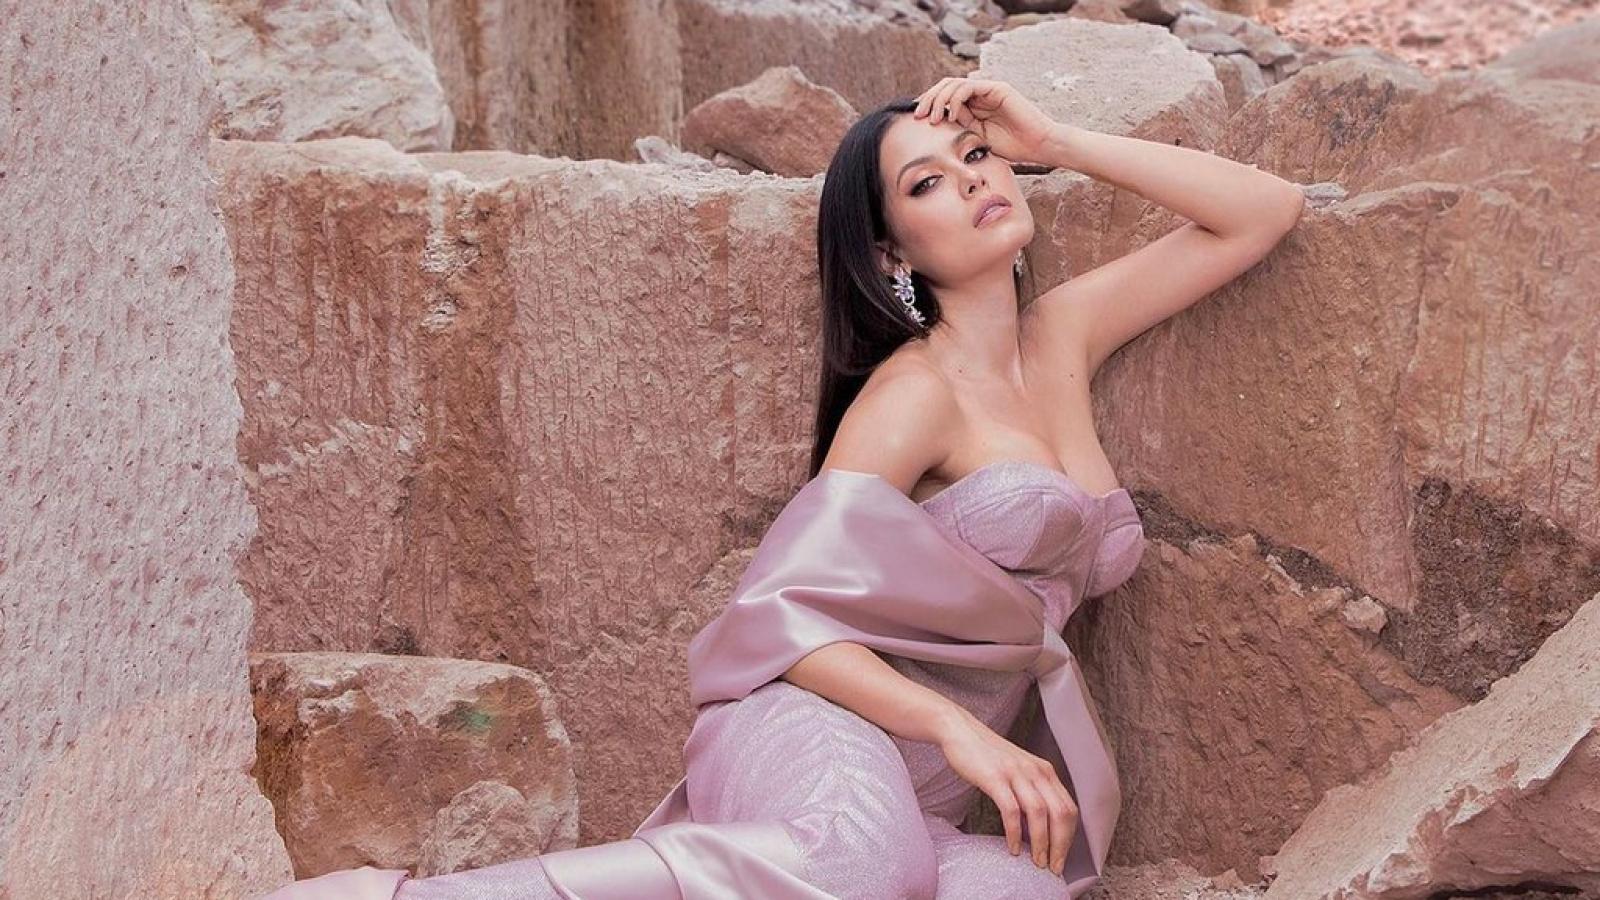 Nhan sắc của kỹ sư phần mềm đăng quang Hoa hậu Hoàn vũ Mexico 2020